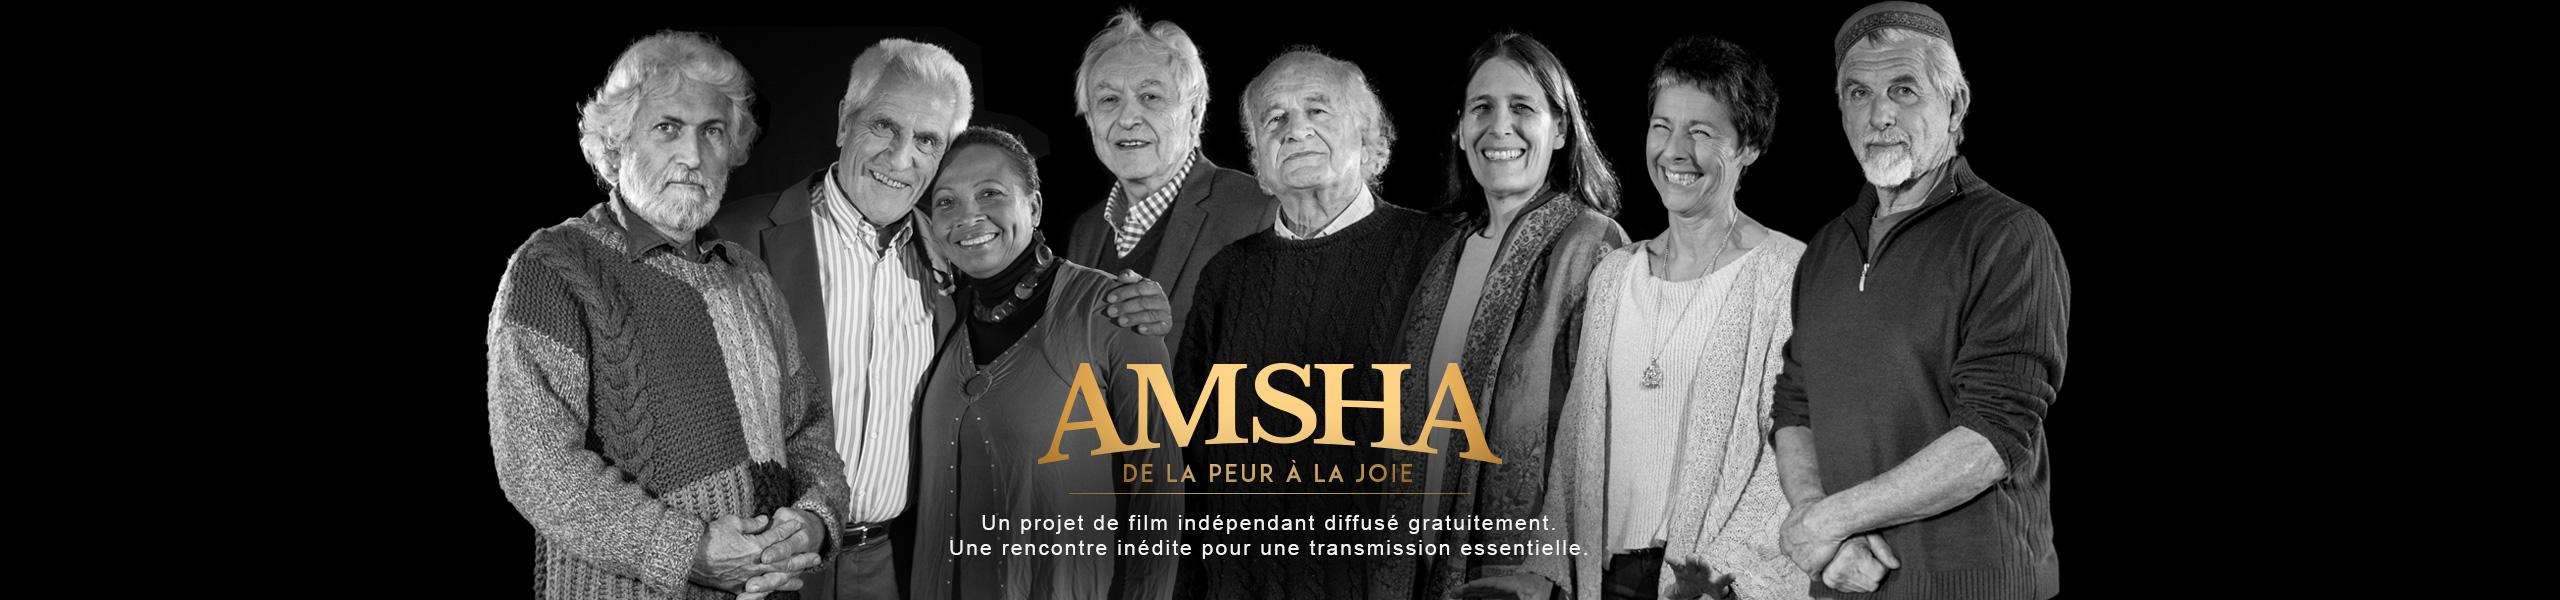 Slider-Amsha-de-la-peur-a-la-joie-Full